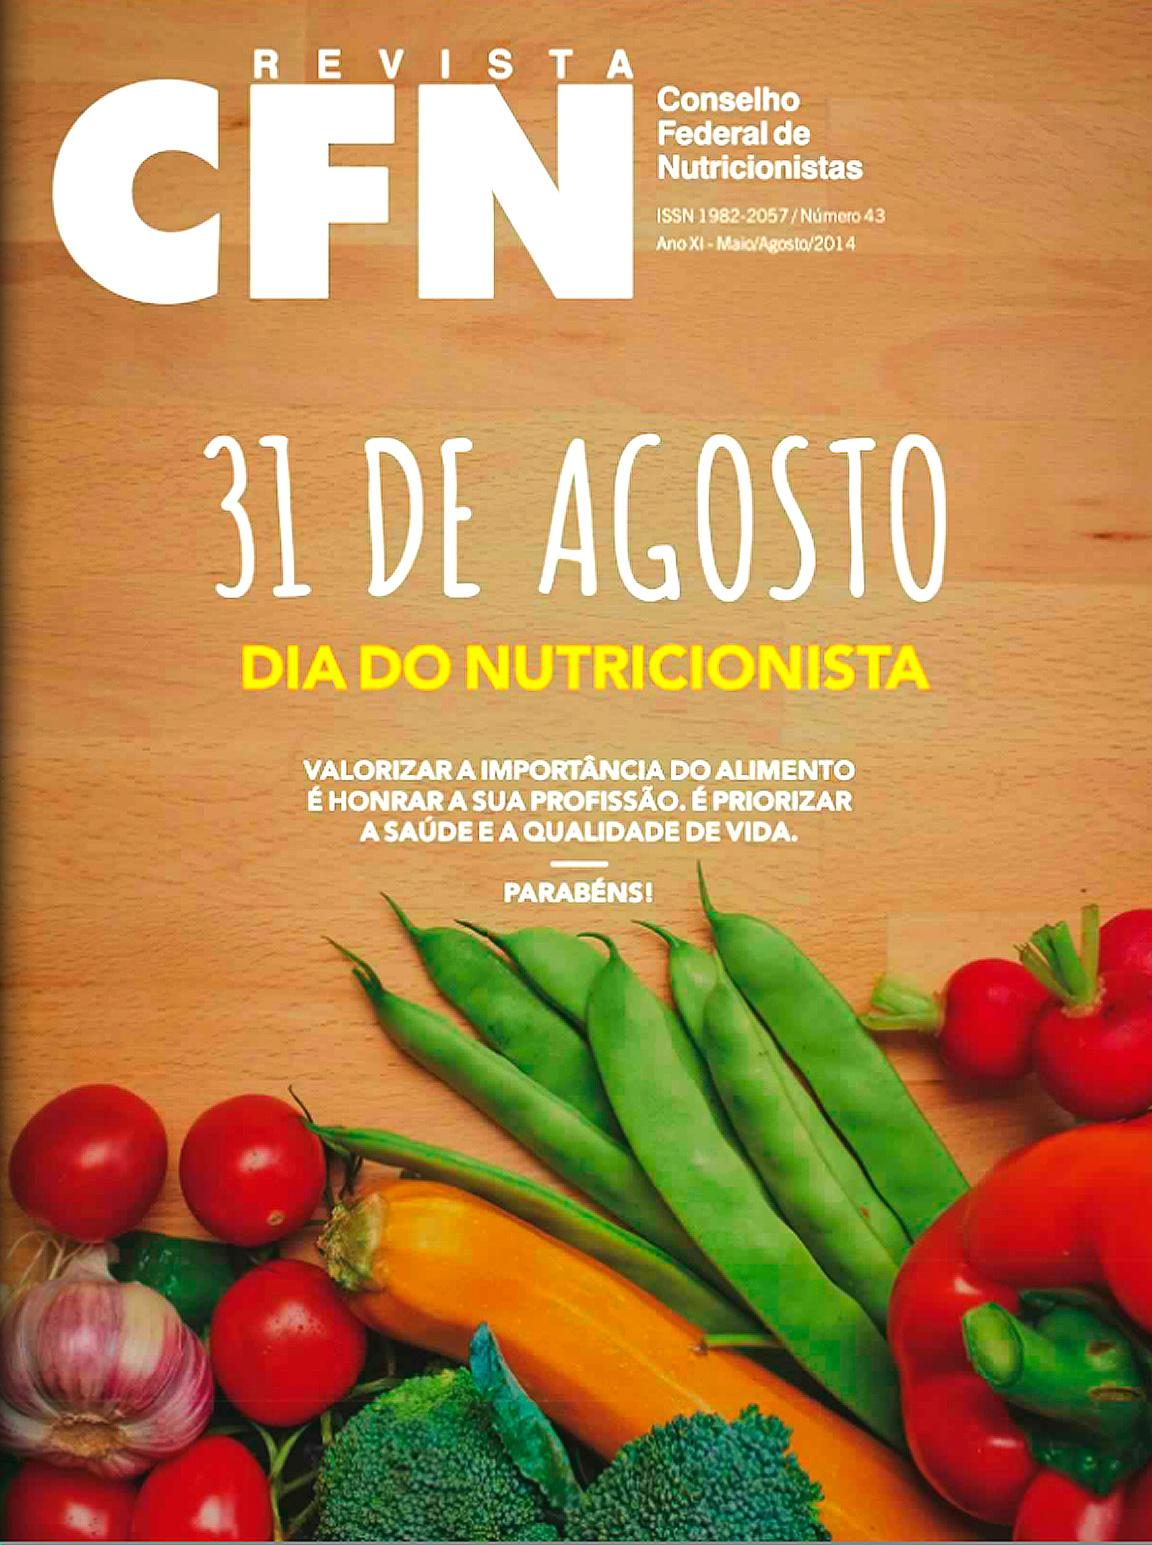 Edição 43 Março/Agosto 2014